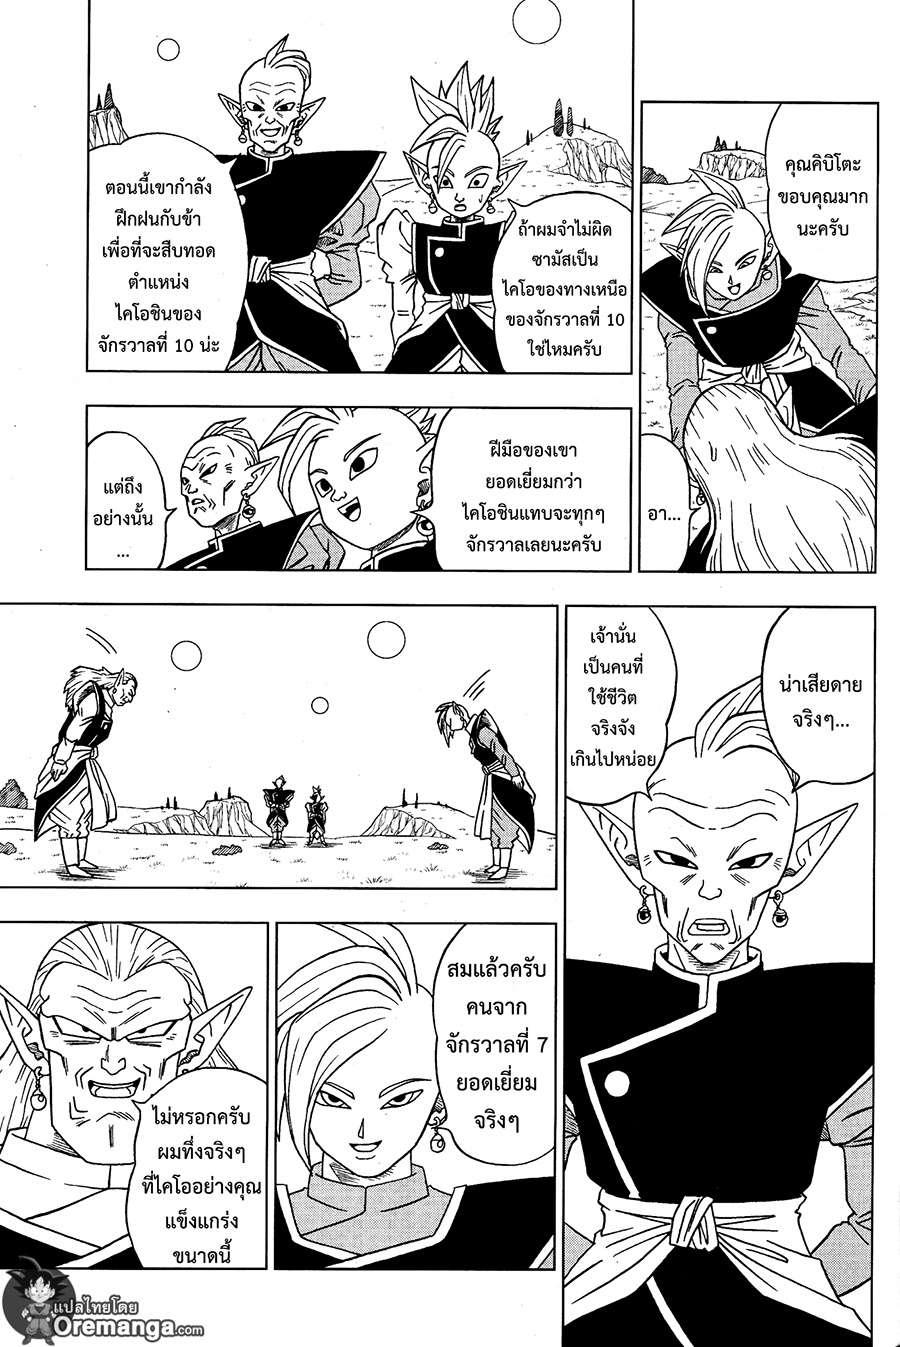 อ่านการ์ตูน Dragonball Super ตอนที่ 16 หน้าที่ 33